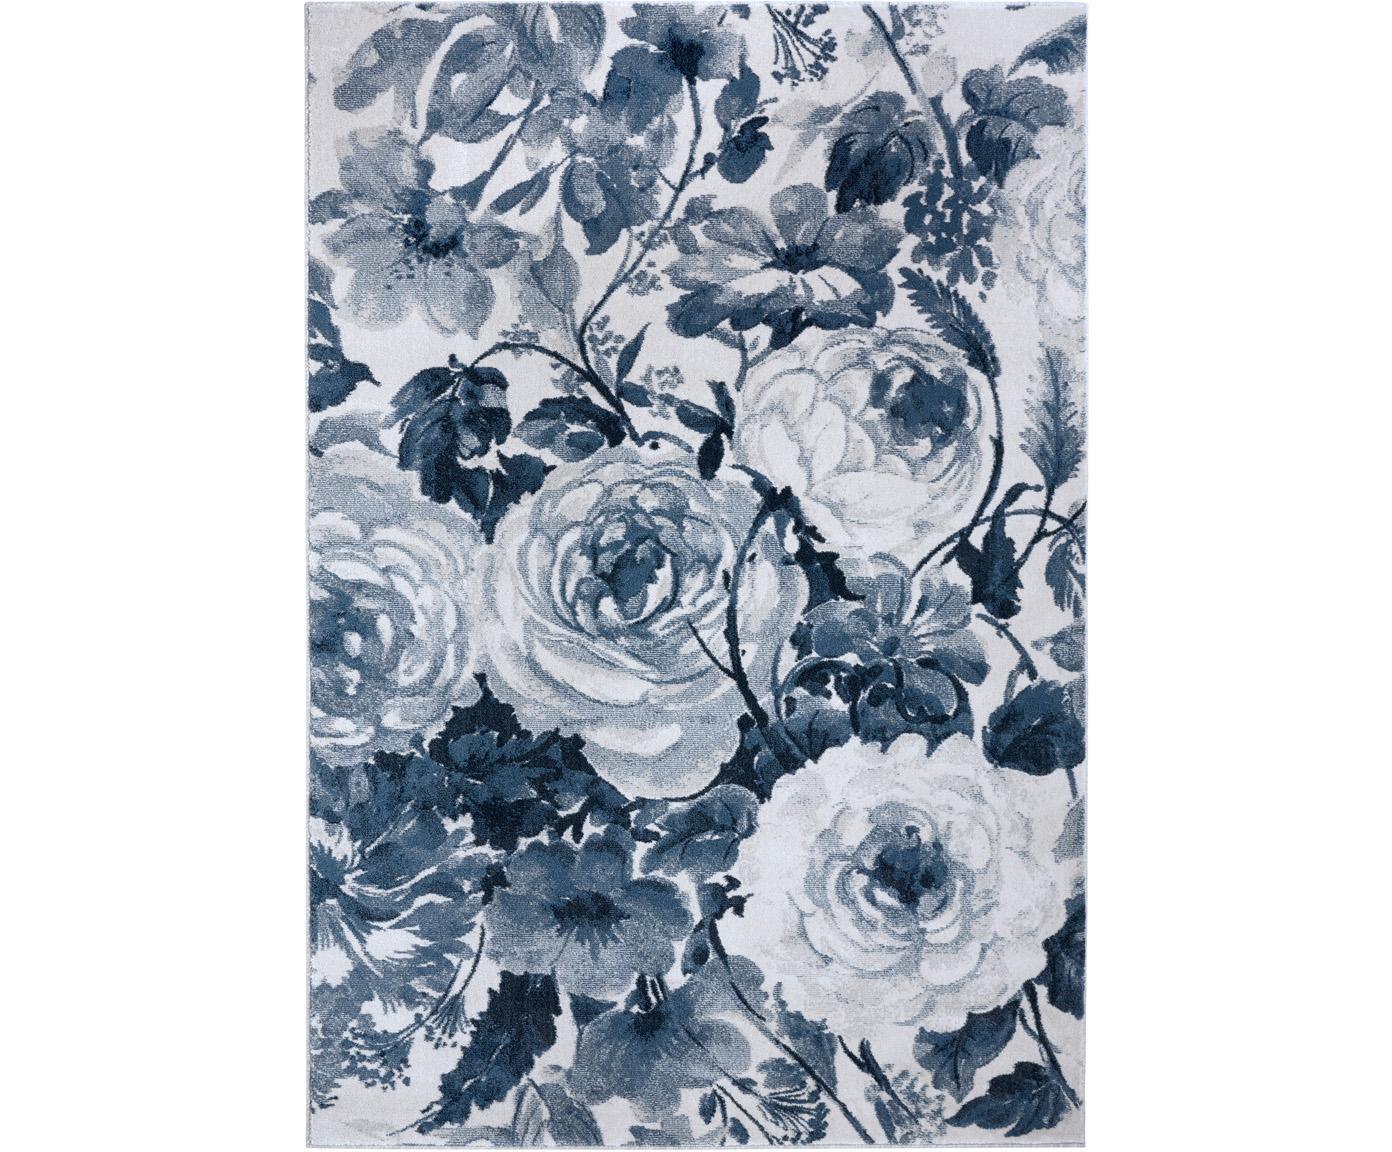 Vloerkleed Peony met bloemmotief, 100% polypropyleen, Blauw, crèmekleurig, B 200 x L 290 cm (maat L)